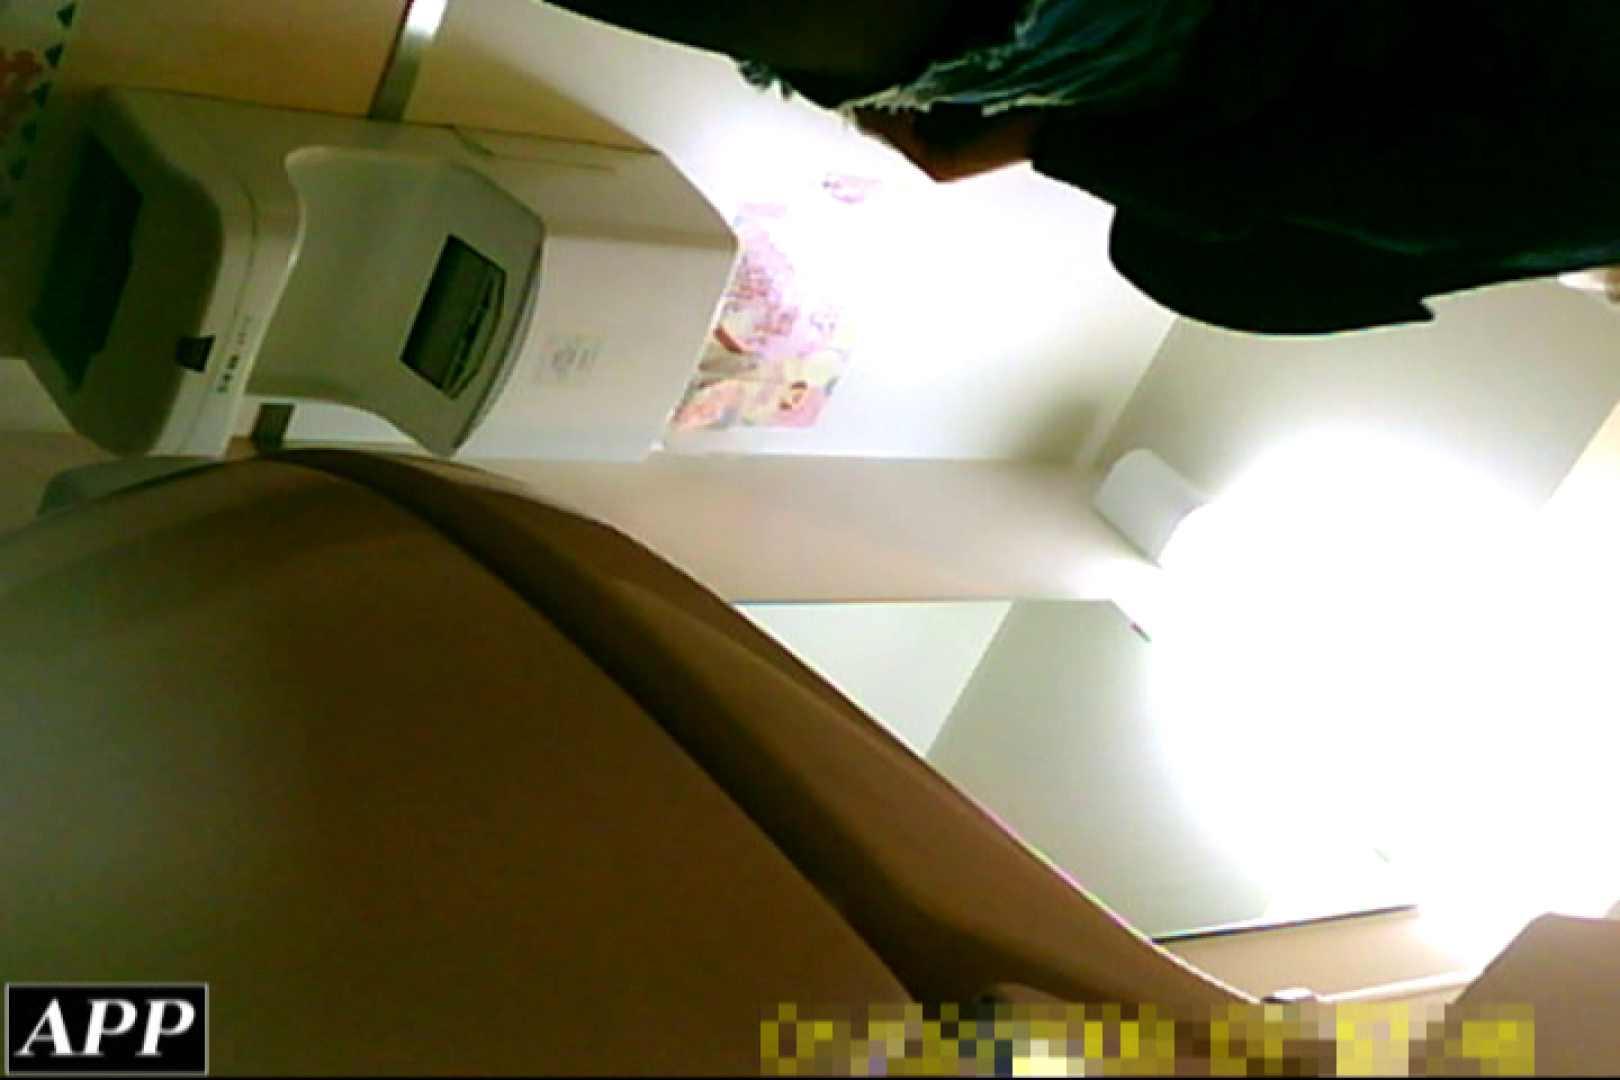 3視点洗面所 vol.02 肛門大好き われめAV動画紹介 92連発 83